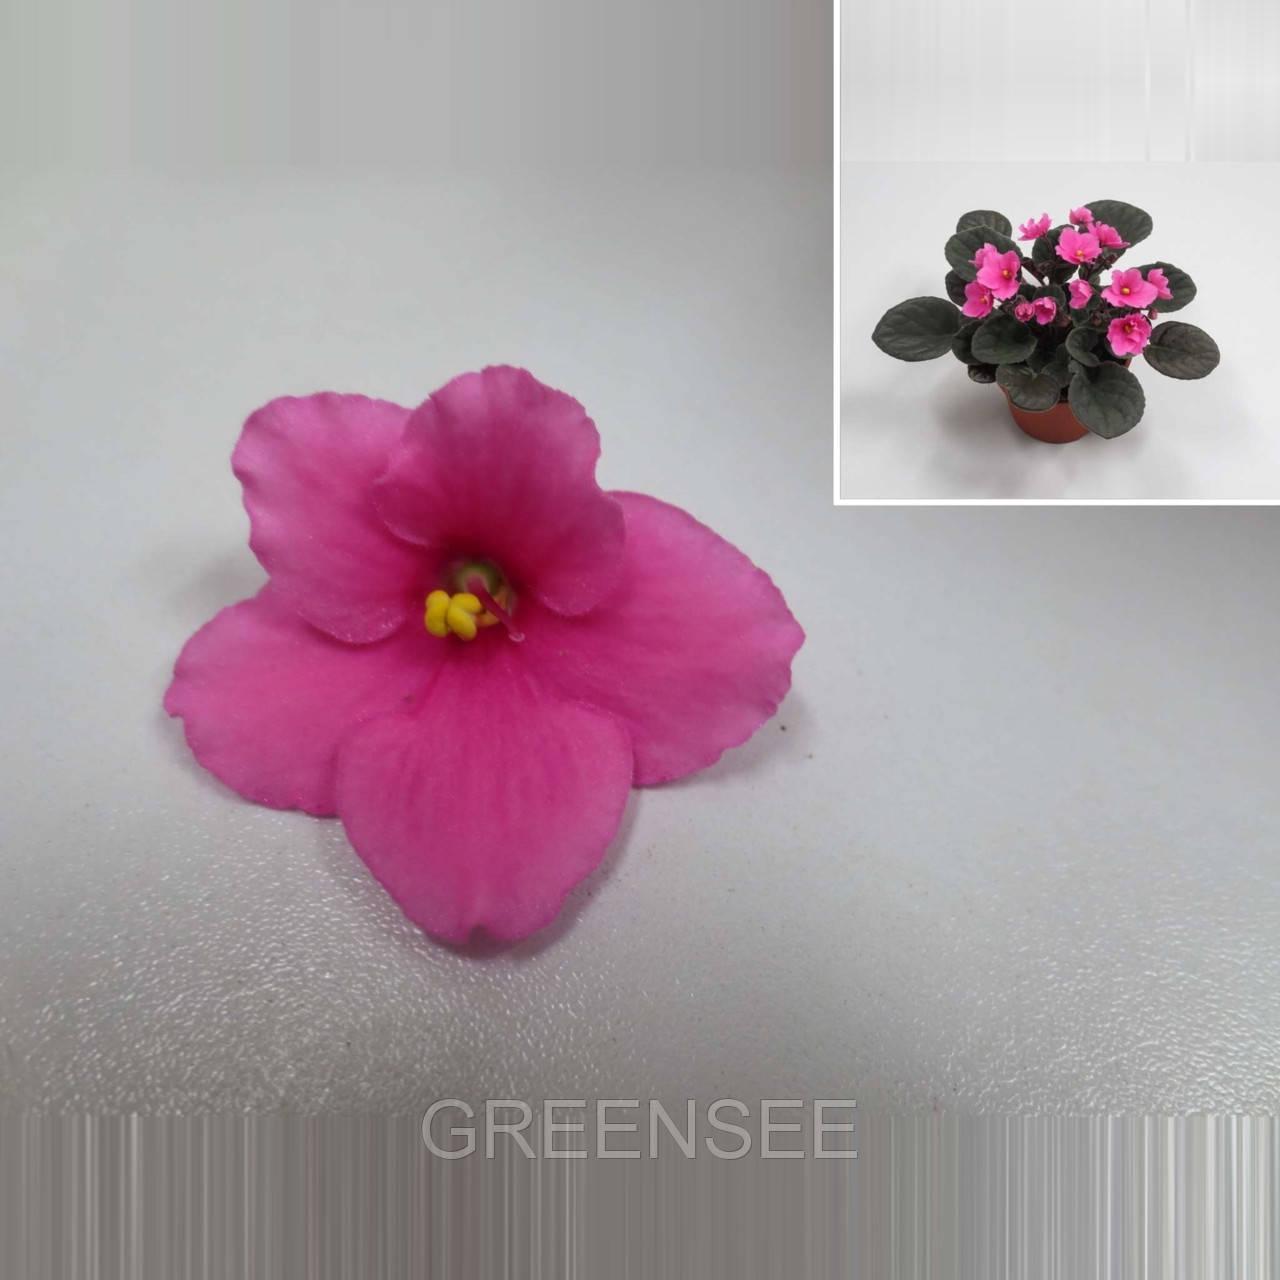 Где можно заказать цветы фиалки в одессе, букет гортензия киев